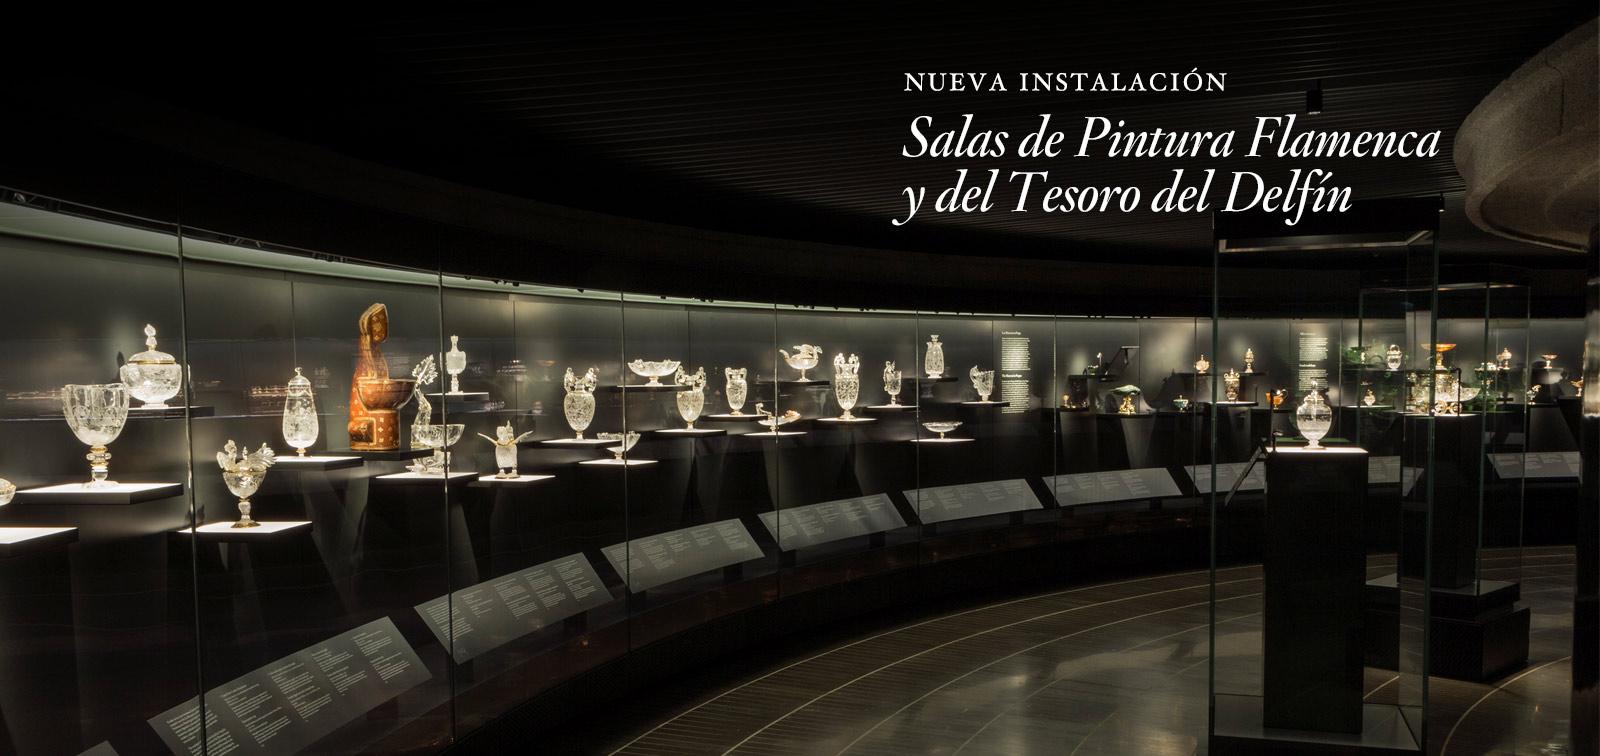 Nueva instalación. Salas de Pintura Flamenca y del Tesoro del Delfín